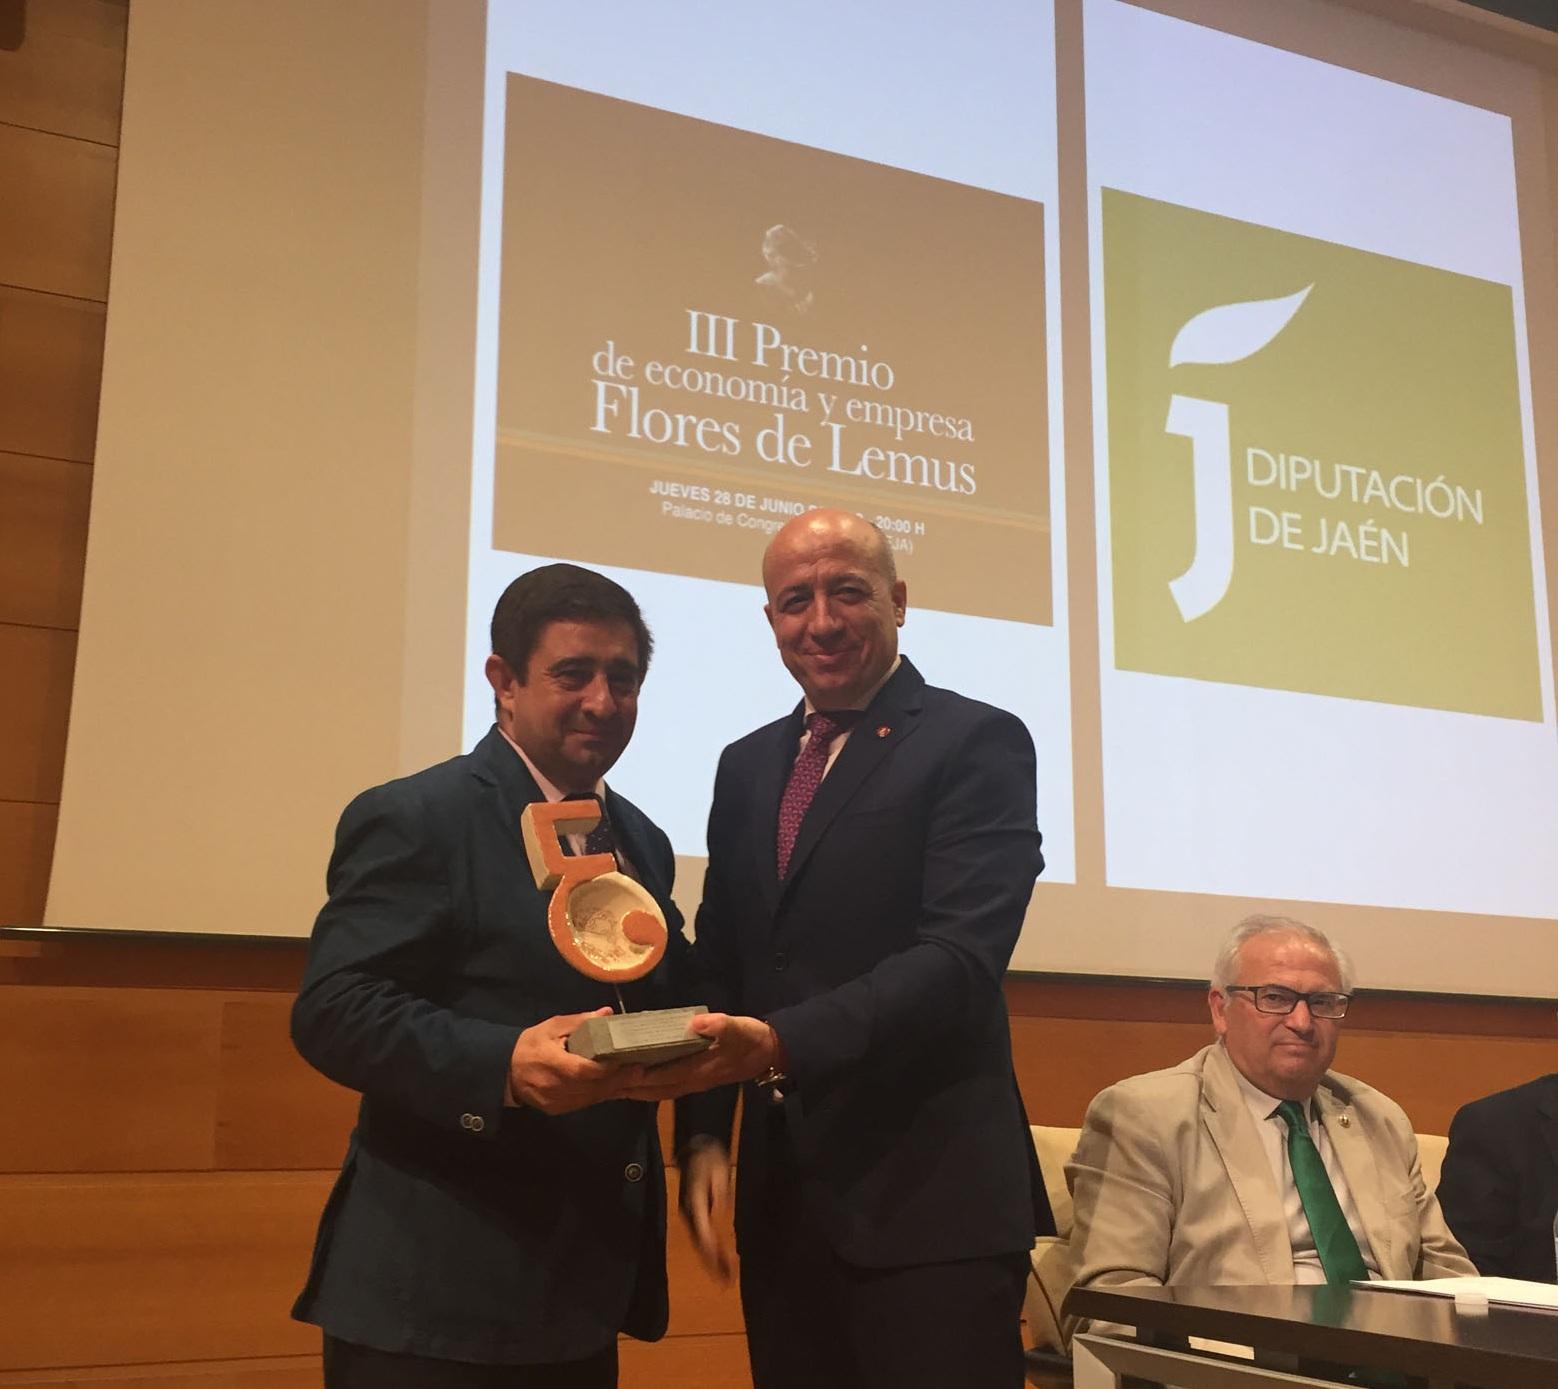 El Colegio de Economistas de Jaén reconoce el trabajo de la Diputación en pos del desarrollo de la p